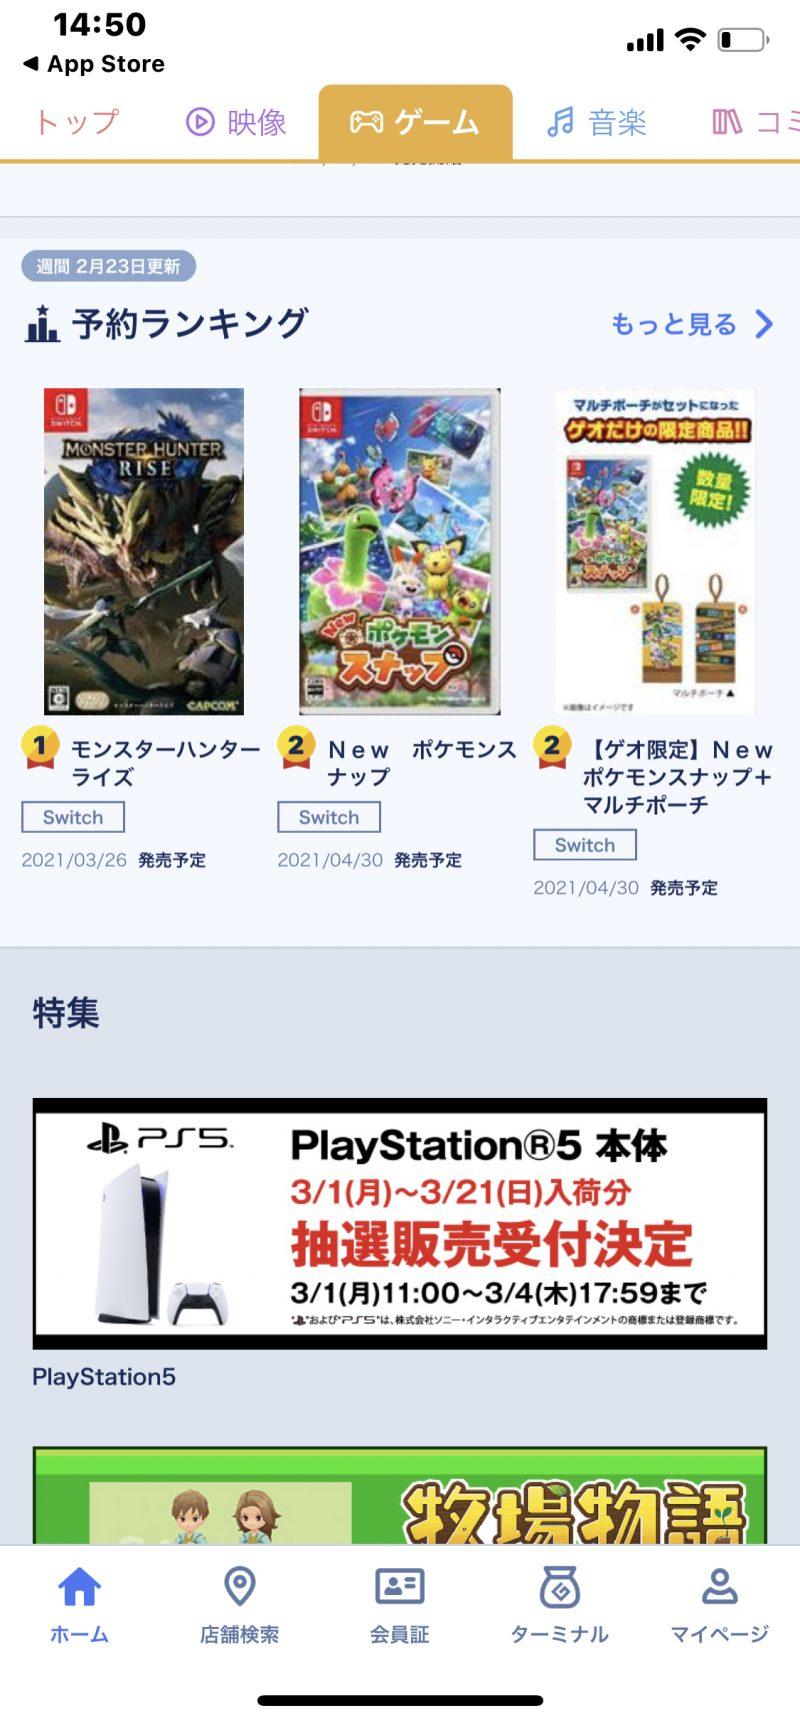 ゲオアプリ内PS5抽選販売バナー広告の画像